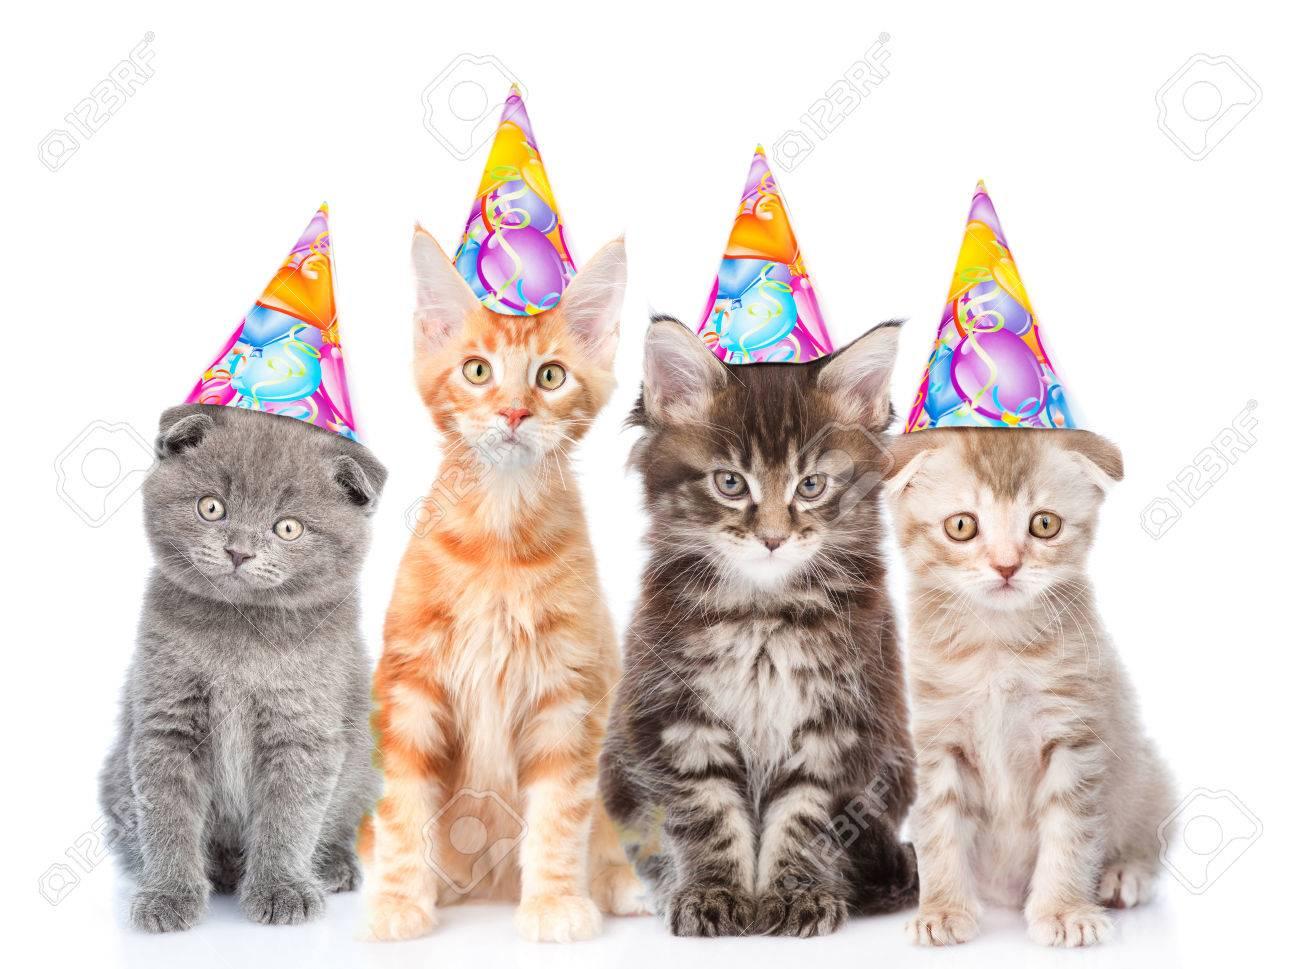 Grote Groep Van Kleine Katten Met Verjaardag Hoeden Geïsoleerd Op